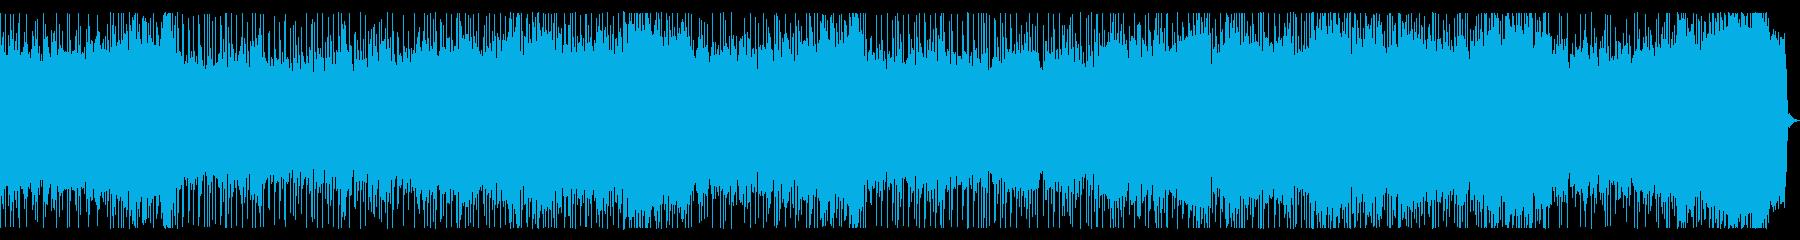 ポップでファンタジックなメタルBGMの再生済みの波形